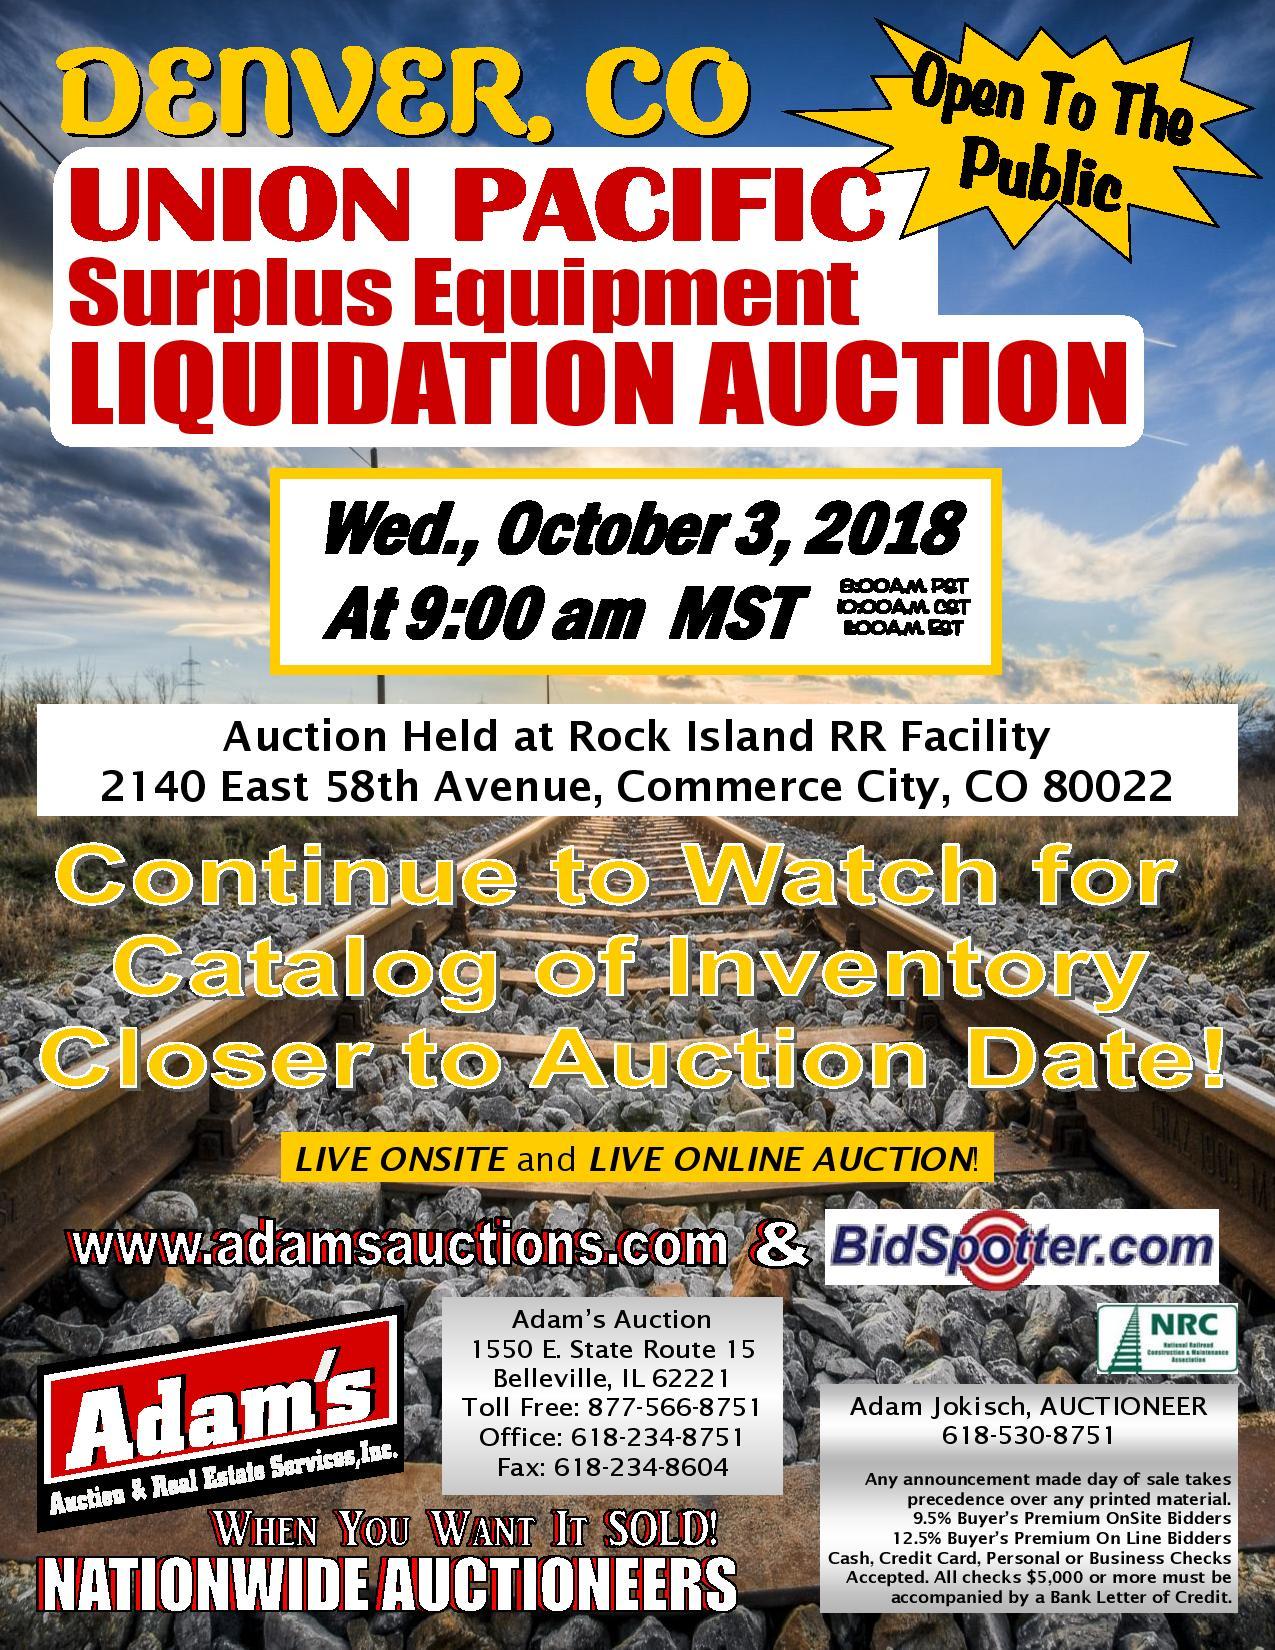 Union Pacific Surplus Equipment Public Auction